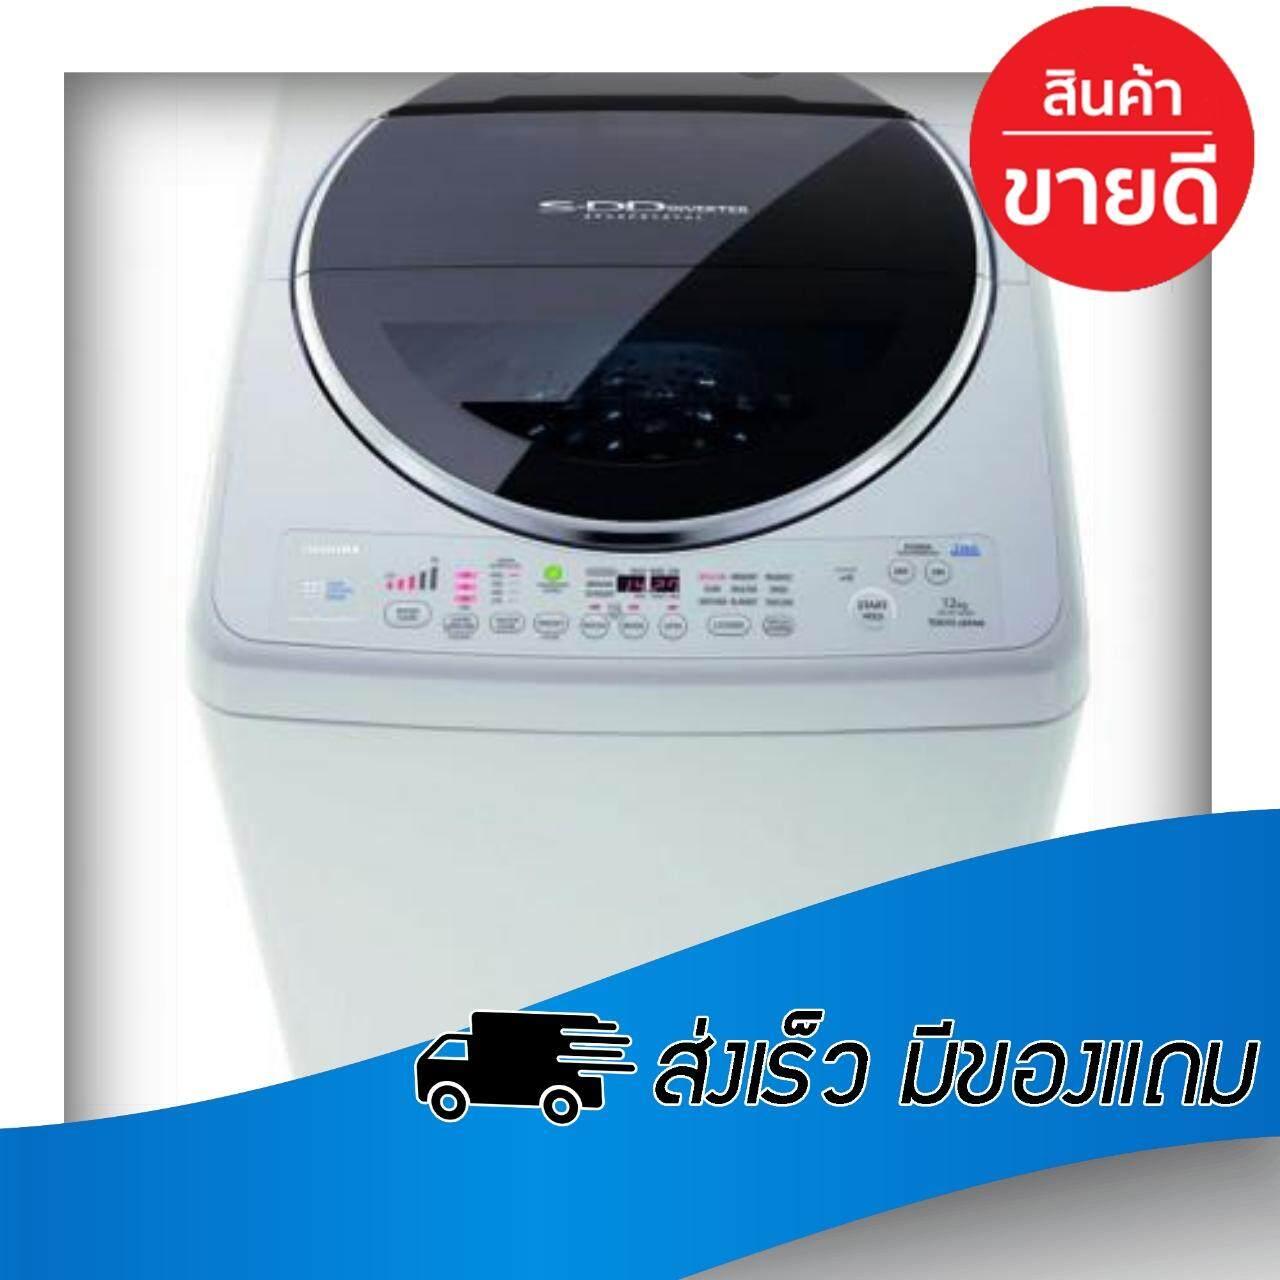 ((ถูกและดี)) โตชิบา เครื่องซักผ้าฝาบน รุ่น AW-DC1300WT(W) ความจุ 12 กก. เครื่องใช้ไฟฟ้าภายในบ้าน เครื่องซักผ้า เครื่องดักแมลง เครื่องดูดฝุ่น เครื่องปรับอากาศ เครื่องฟอกอากาศ เตารีด พัดลม พัดลมดูดอากาศและระบายอากาศ ดู โฮม ราคา วัสดุ ก่อสร้าง วัสดุ ก่อสร้